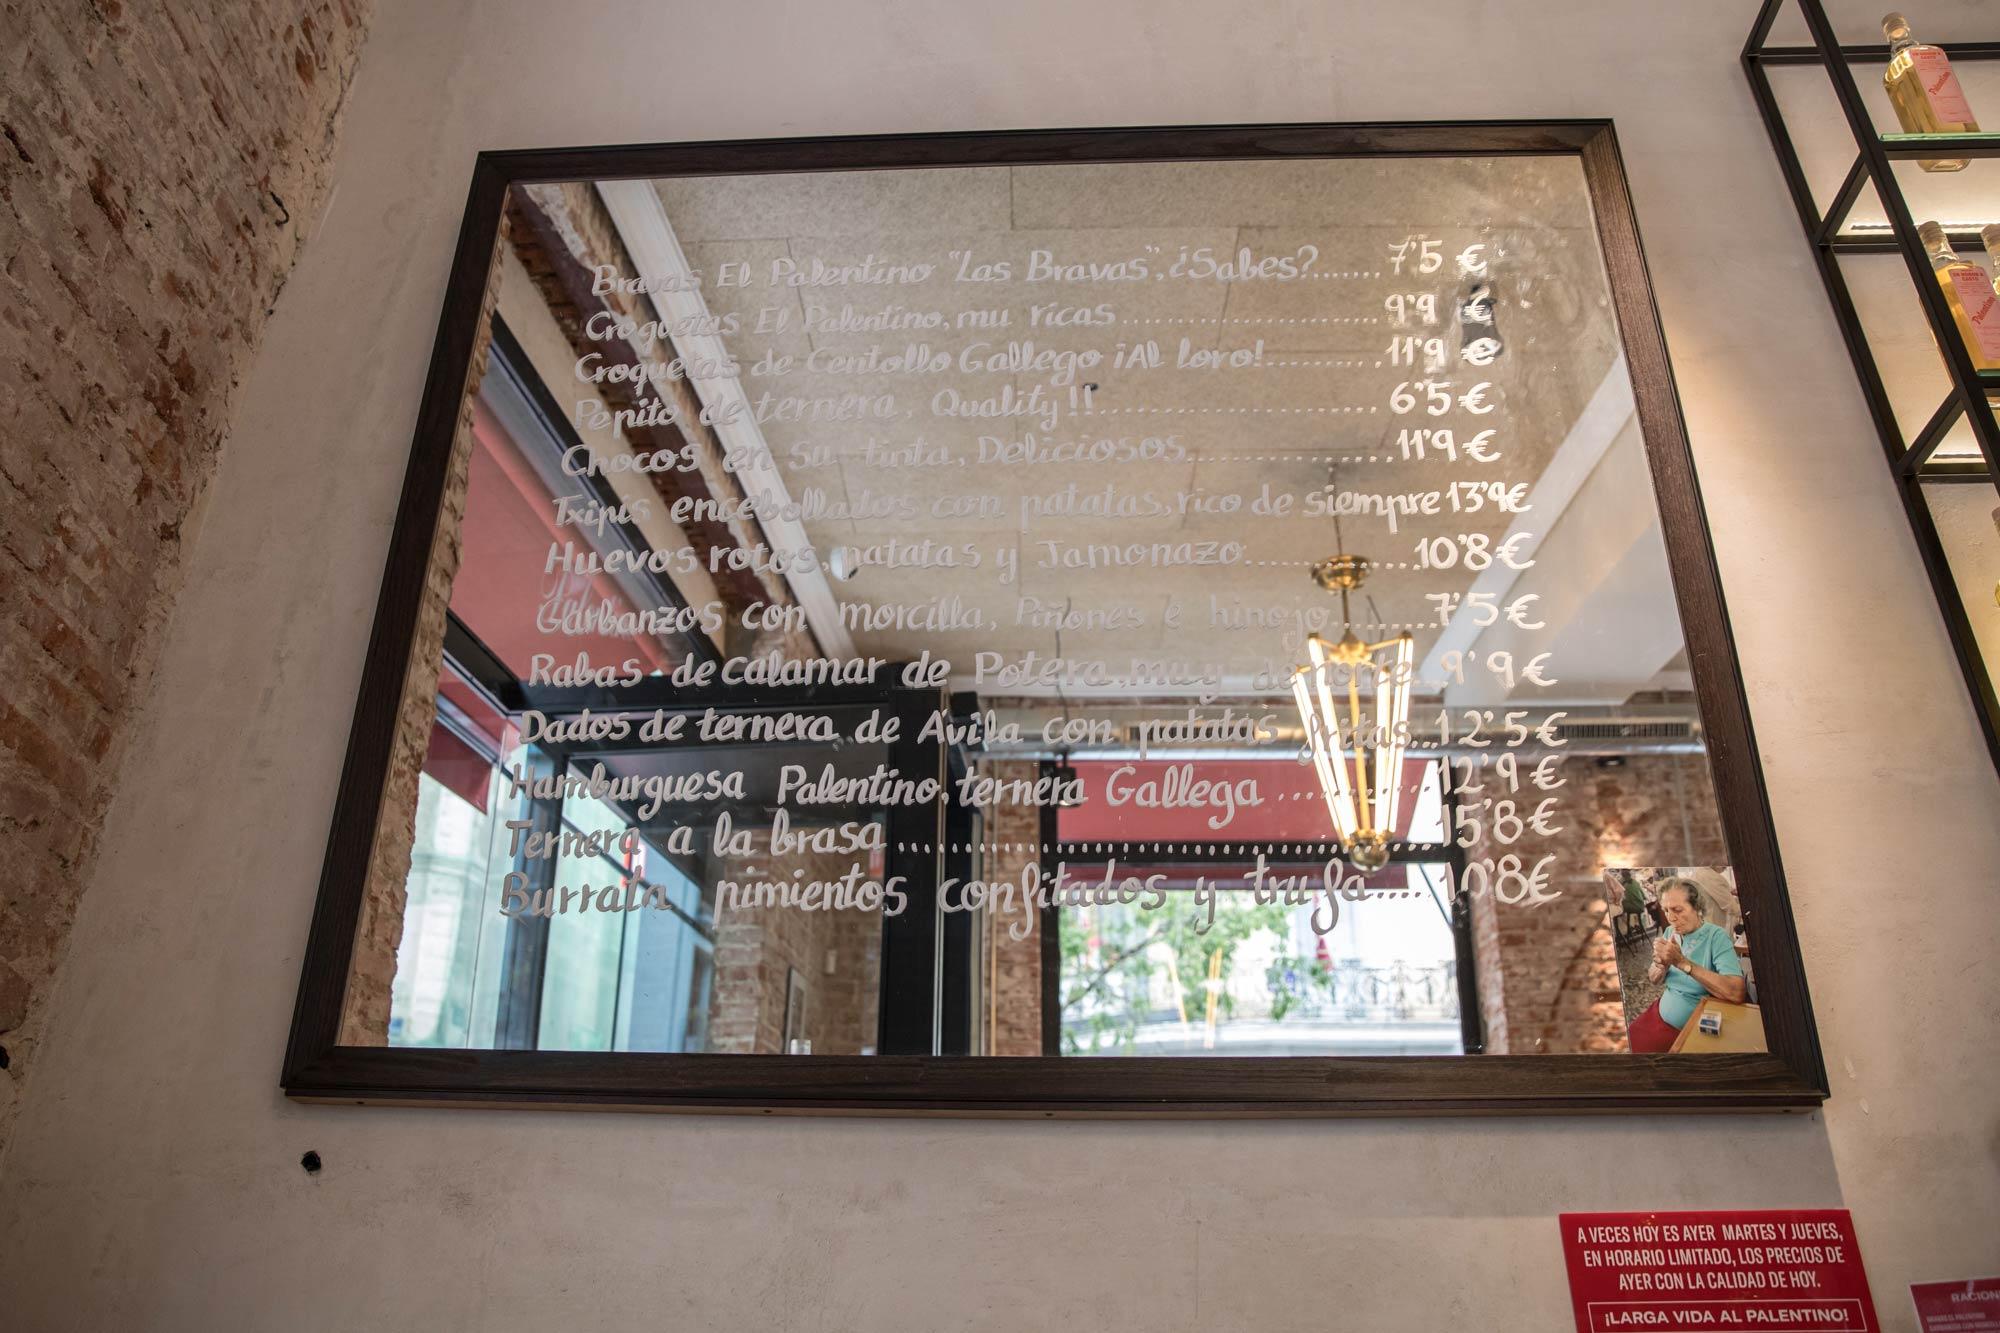 Menú escrito en un espejo del bar.